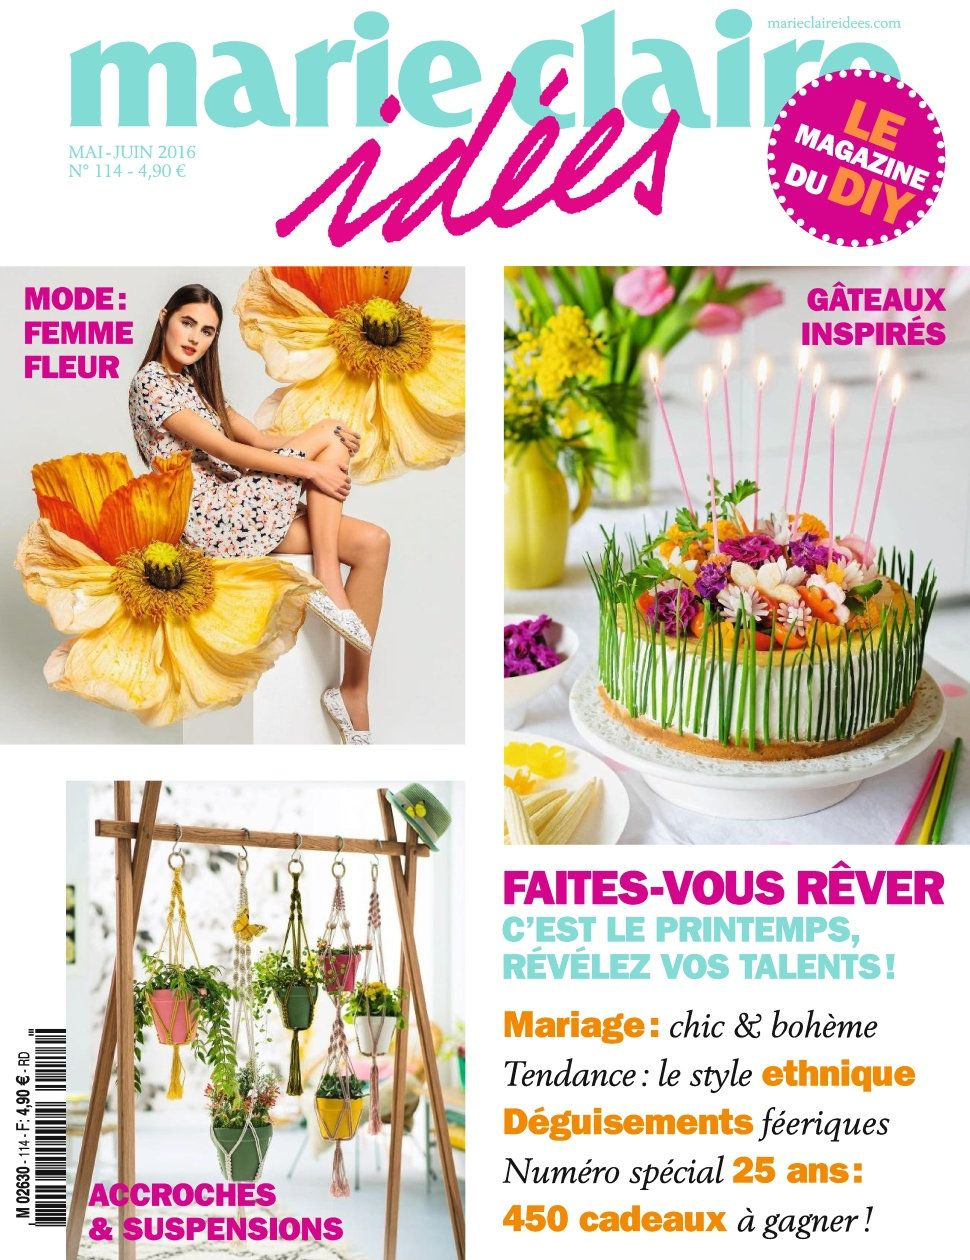 Marie Claire Idées 114 - Mai/Juin 2016